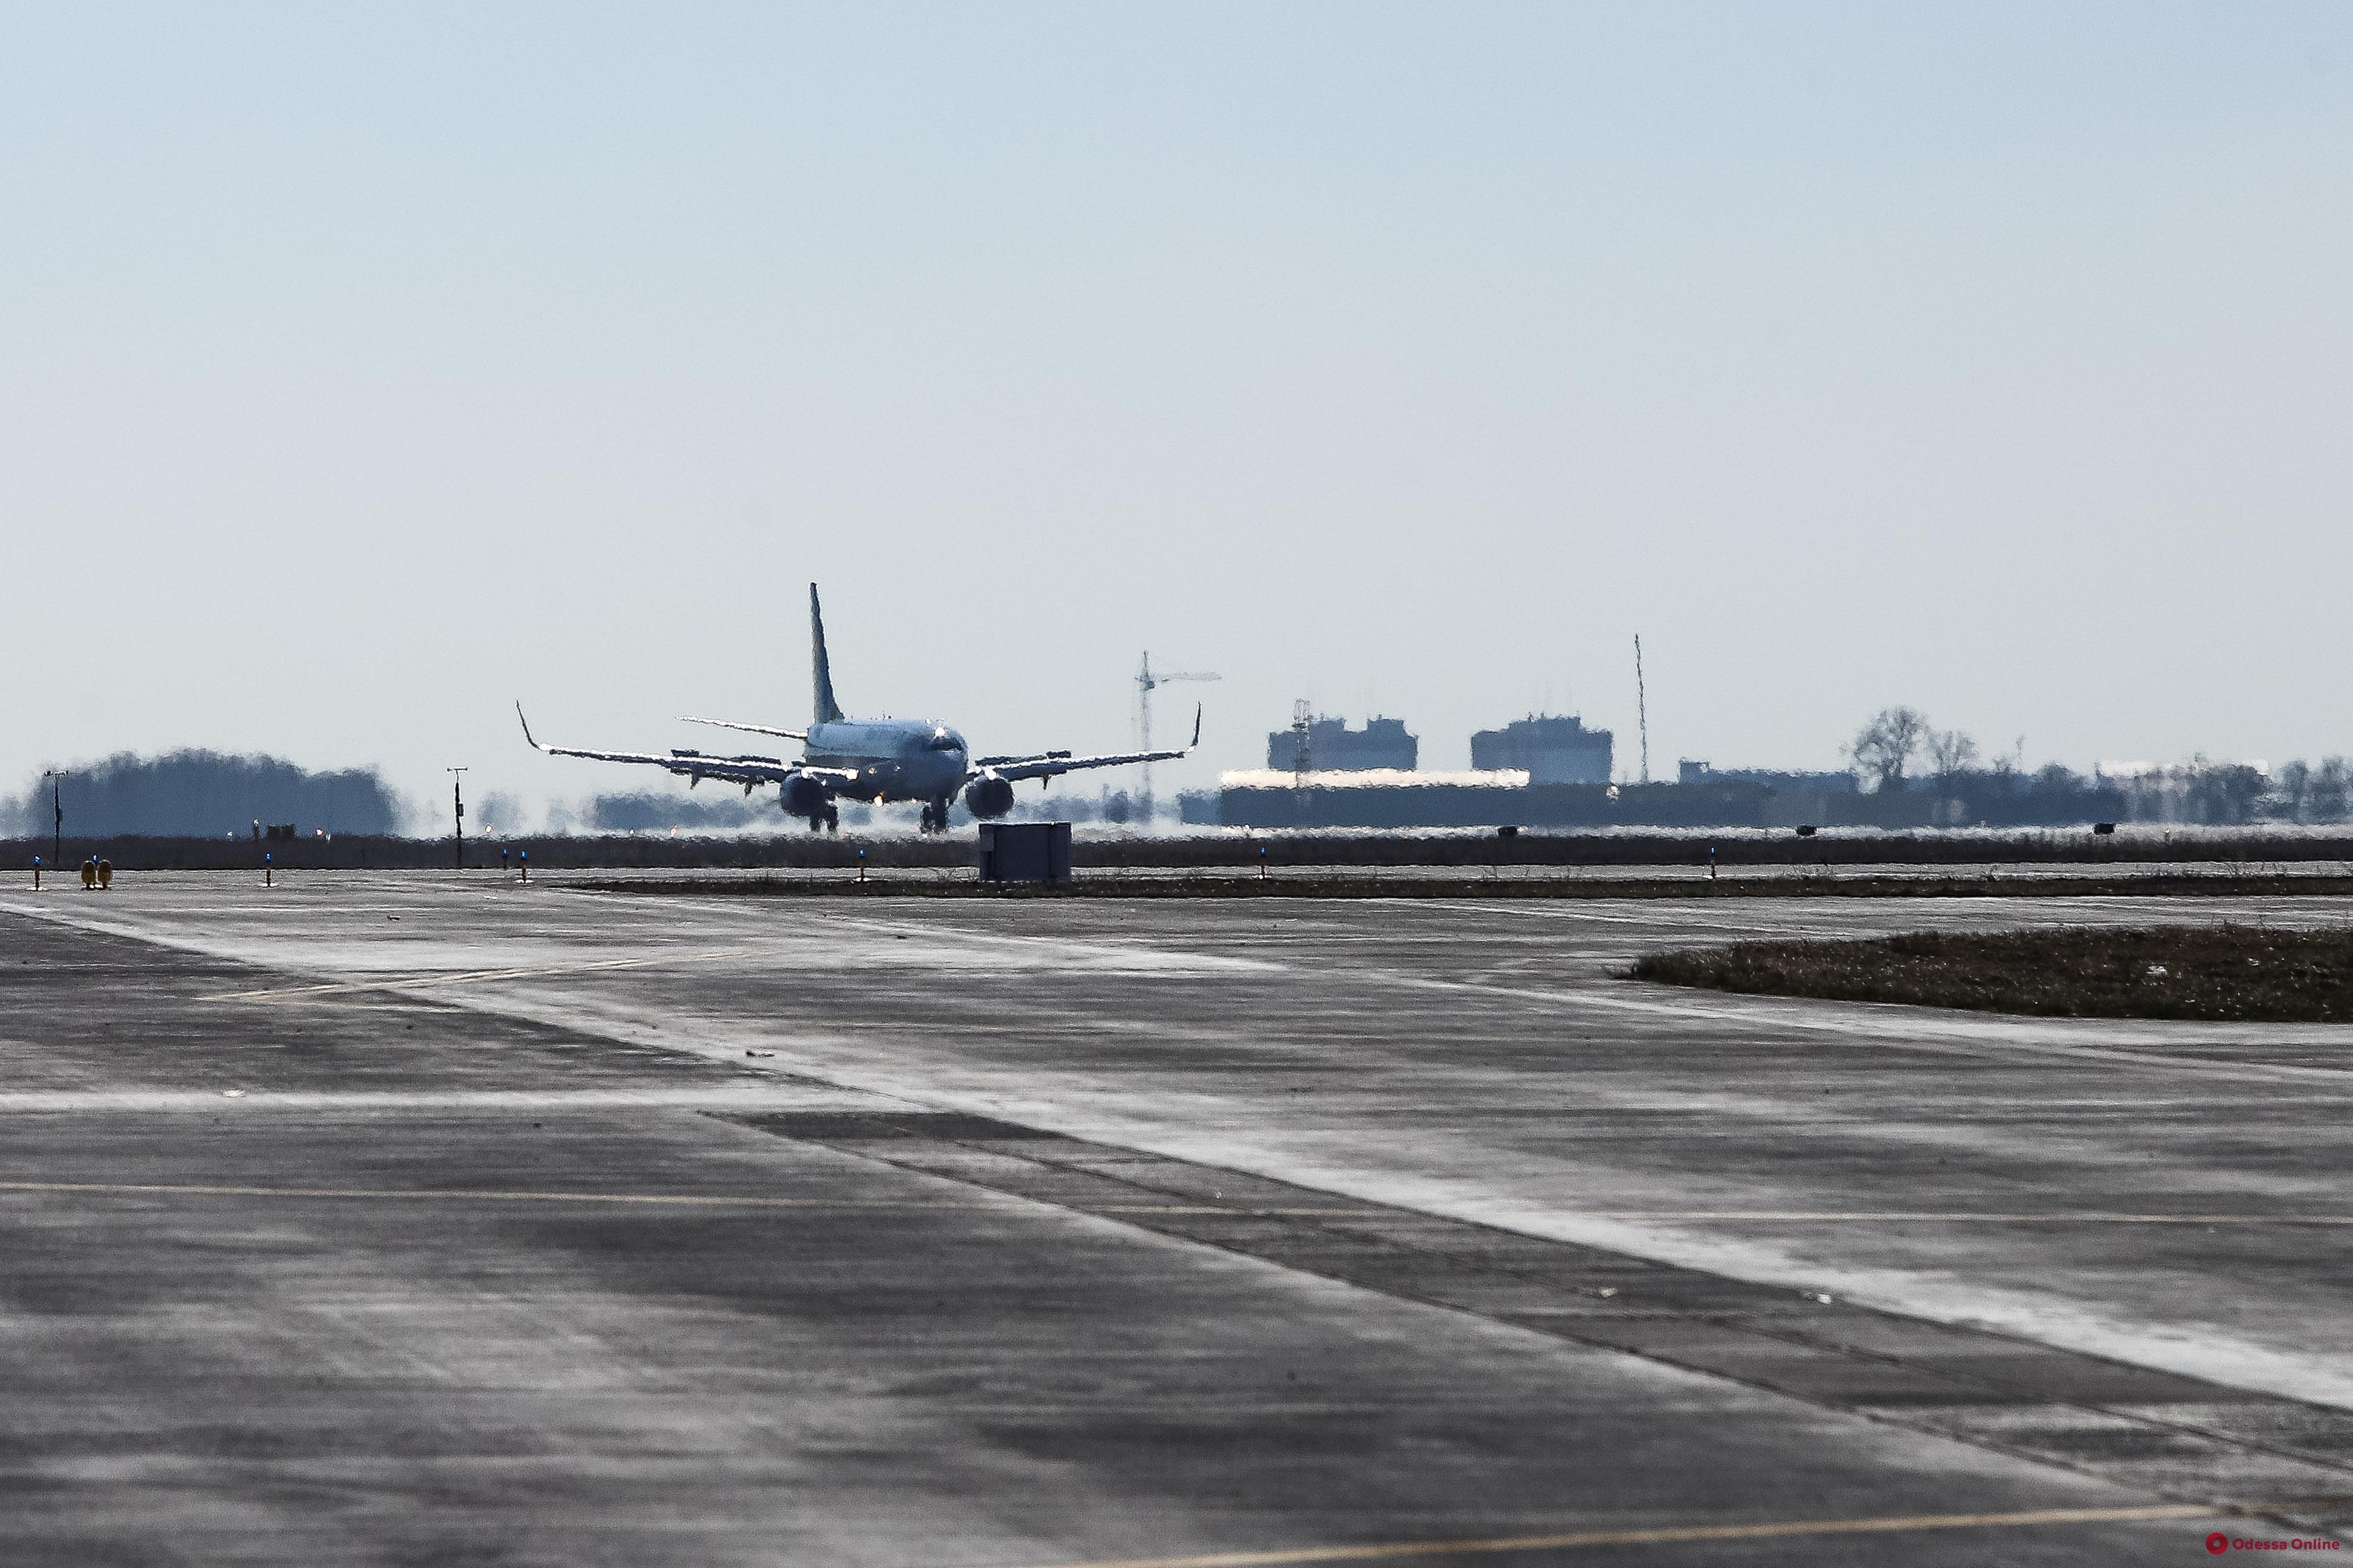 Отказался надеть маску и плевался: с рейса Одесса-Анталья сняли агрессивного пассажира (видео 18+)